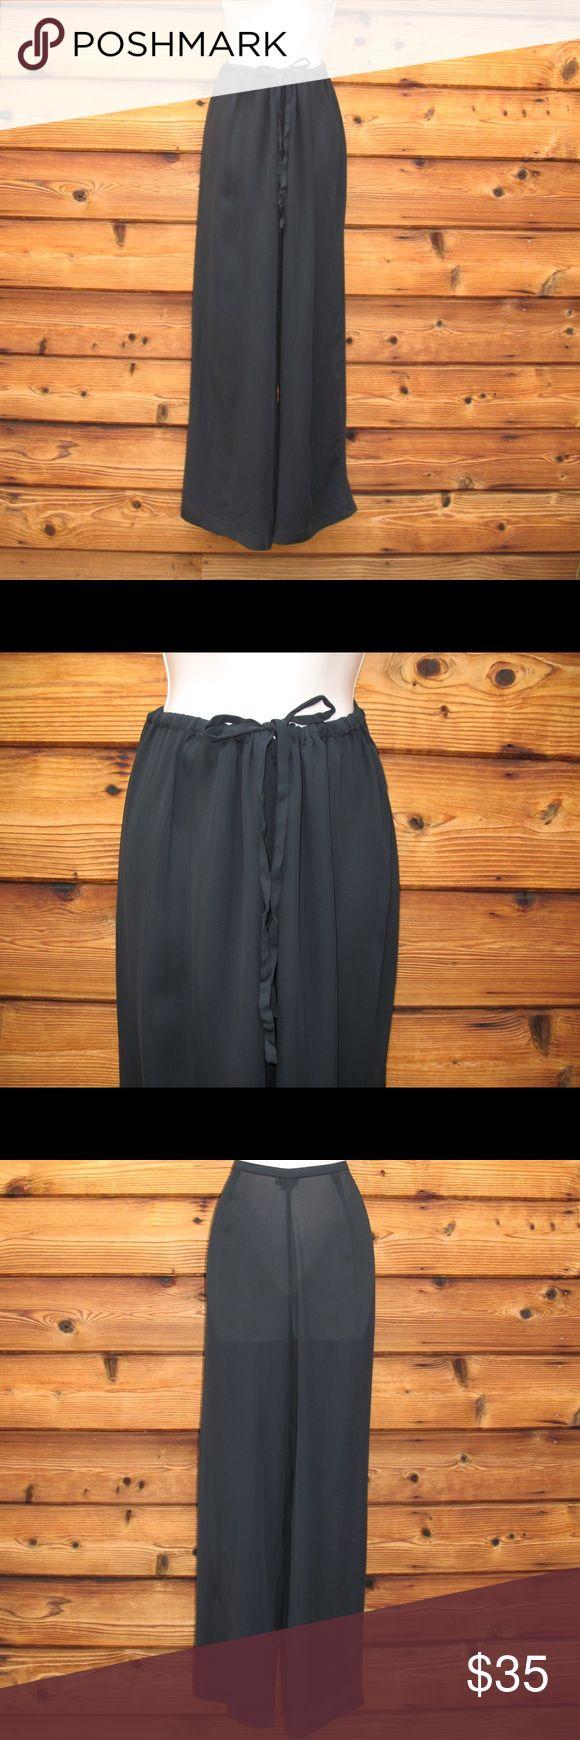 """J. Crew Drawstring Waist Chiffon Pants Wide Leg J. Crew Drawstring Waist Chiffon Pants  *Very good condition.  Details: J.Crew Size: M Color: Black Wide-leg Full drawstring waist Rayon chiffon fabric No pockets Unlined  Measurements: Waist: 36"""" (Undrawn) Hips: 50"""" Inseam: 31"""" Leg Opening: 24"""" J. Crew Pants Wide Leg"""